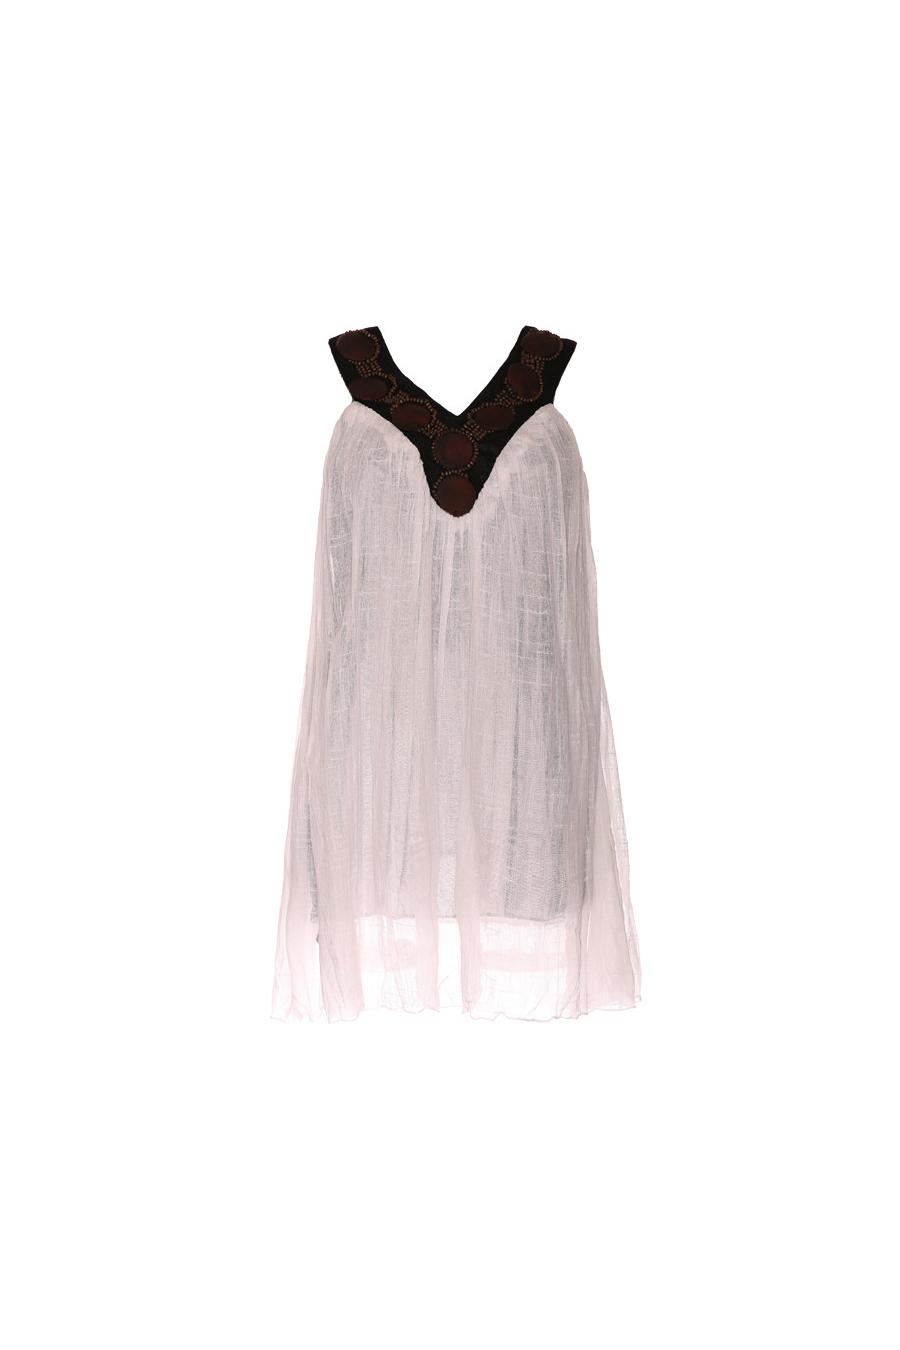 Witte tuniek voor dames met bruine parels bij de kraag. Mode vrouw kleren. 1319